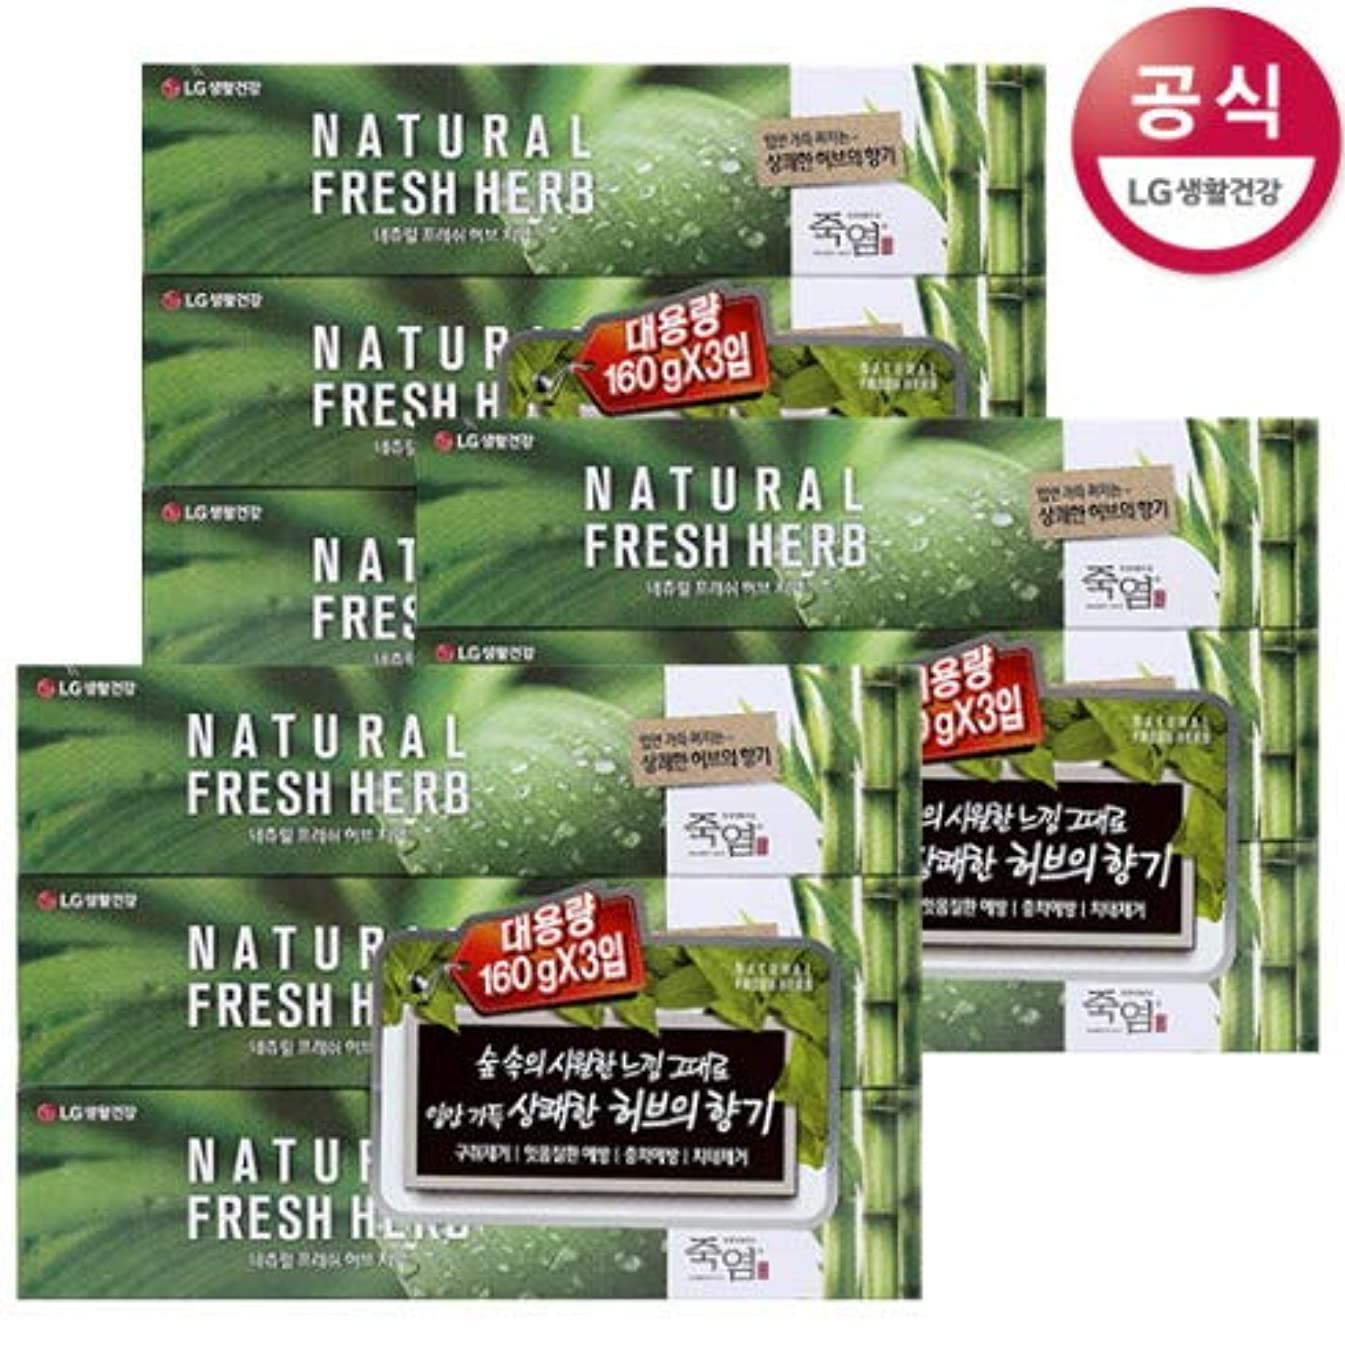 完了熱狂的なポゴスティックジャンプ[LG HnB] Bamboo Salt Natural Fresh Herbal Toothpaste/竹塩ナチュラルフレッシュハーブ歯磨き粉 160gx9個(海外直送品)